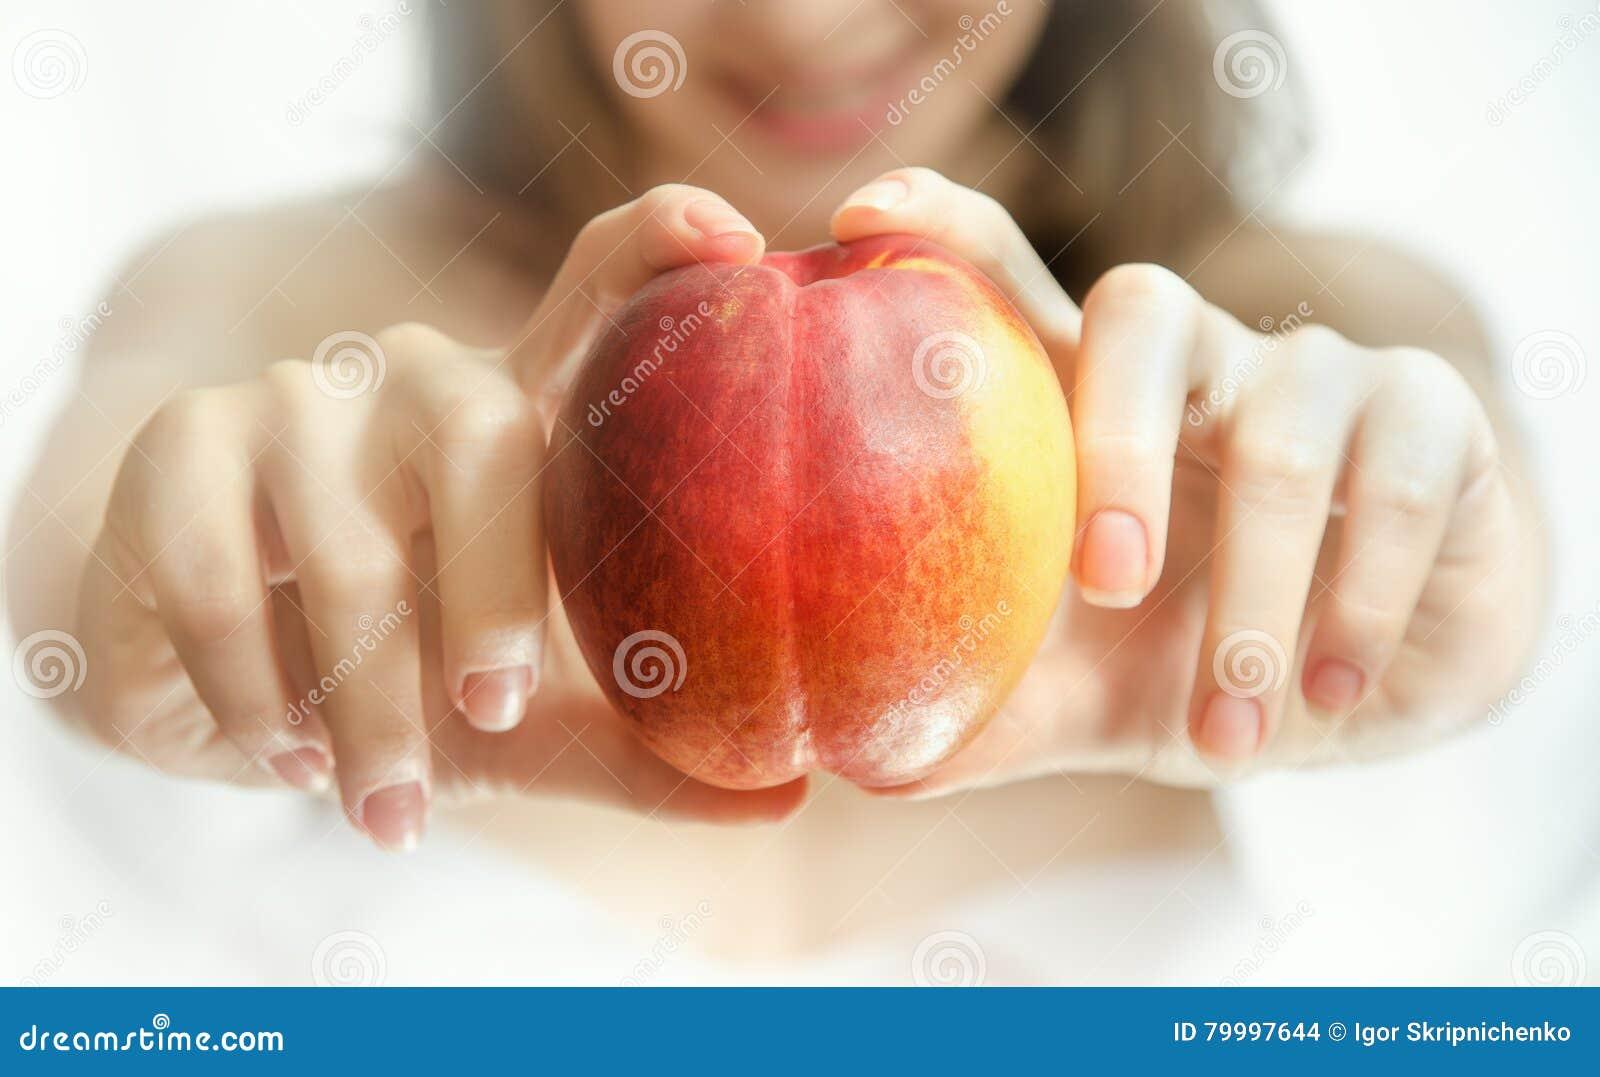 Персик у девушек смотреть 3